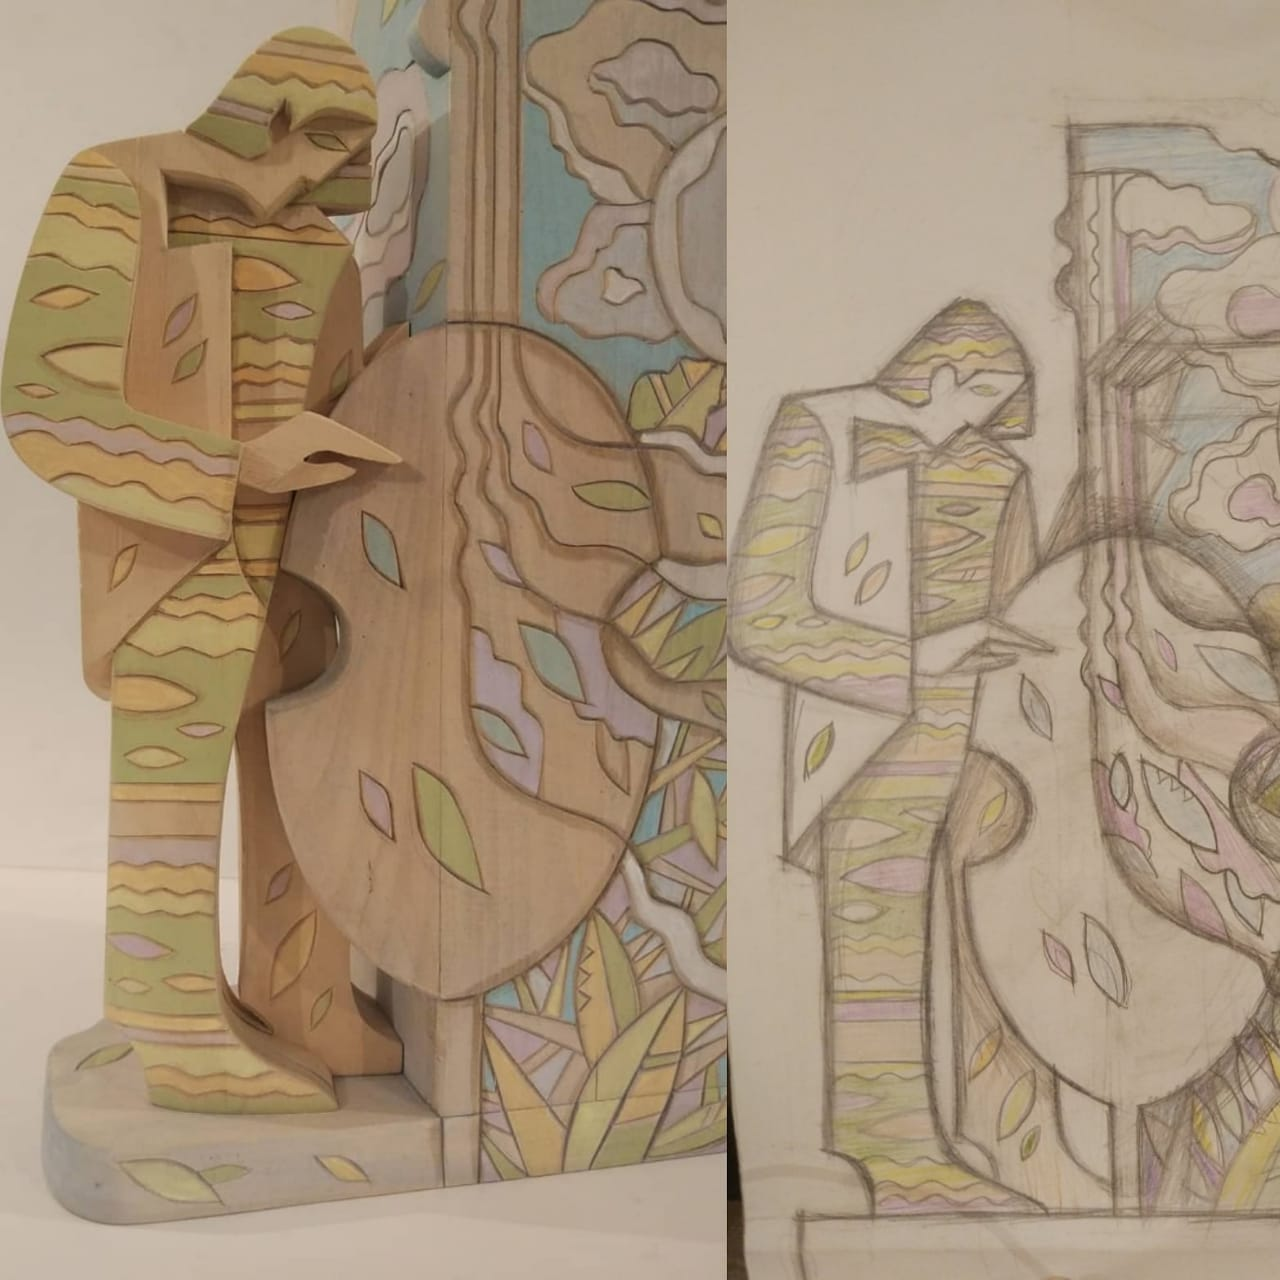 Каталог Ремесел, город Таруса, художник Пилипенко Сергей, скульптура (дерево/тонировка), Концерт